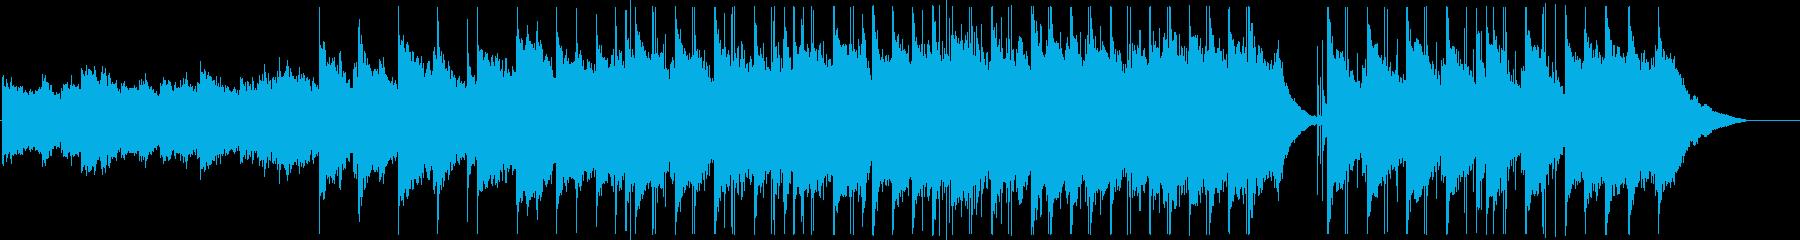 しっとりとしたシンプルなバラードの再生済みの波形